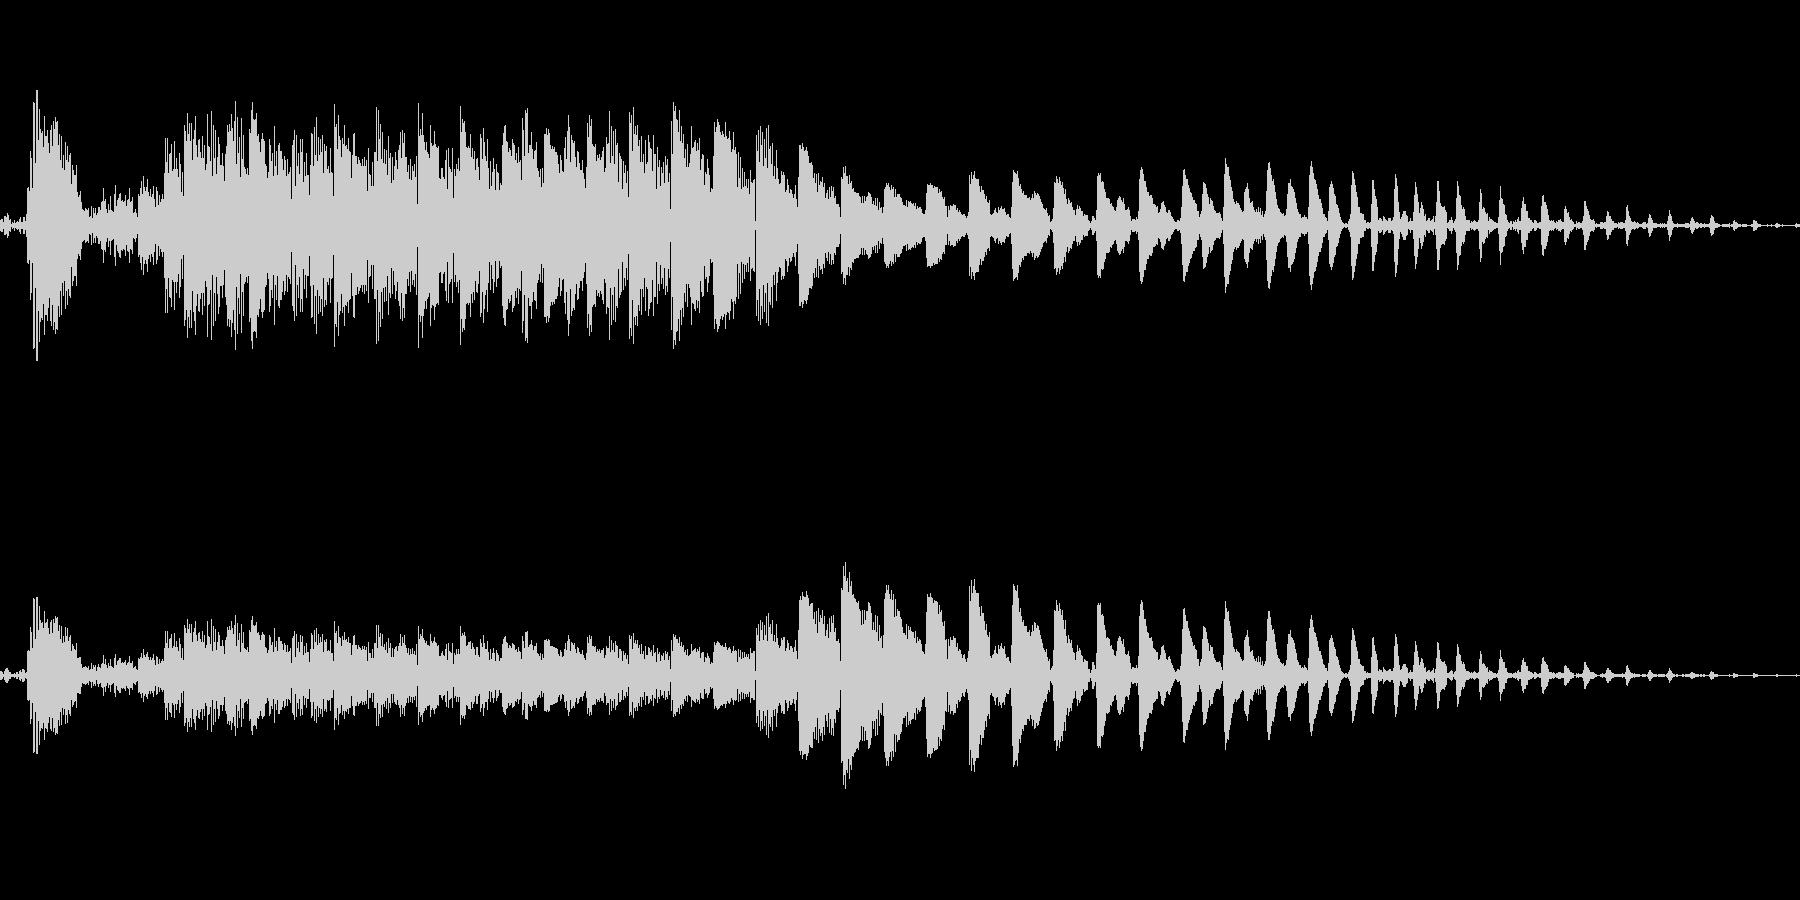 ポヨン!コミカルで可愛いジャンプ音!04の未再生の波形